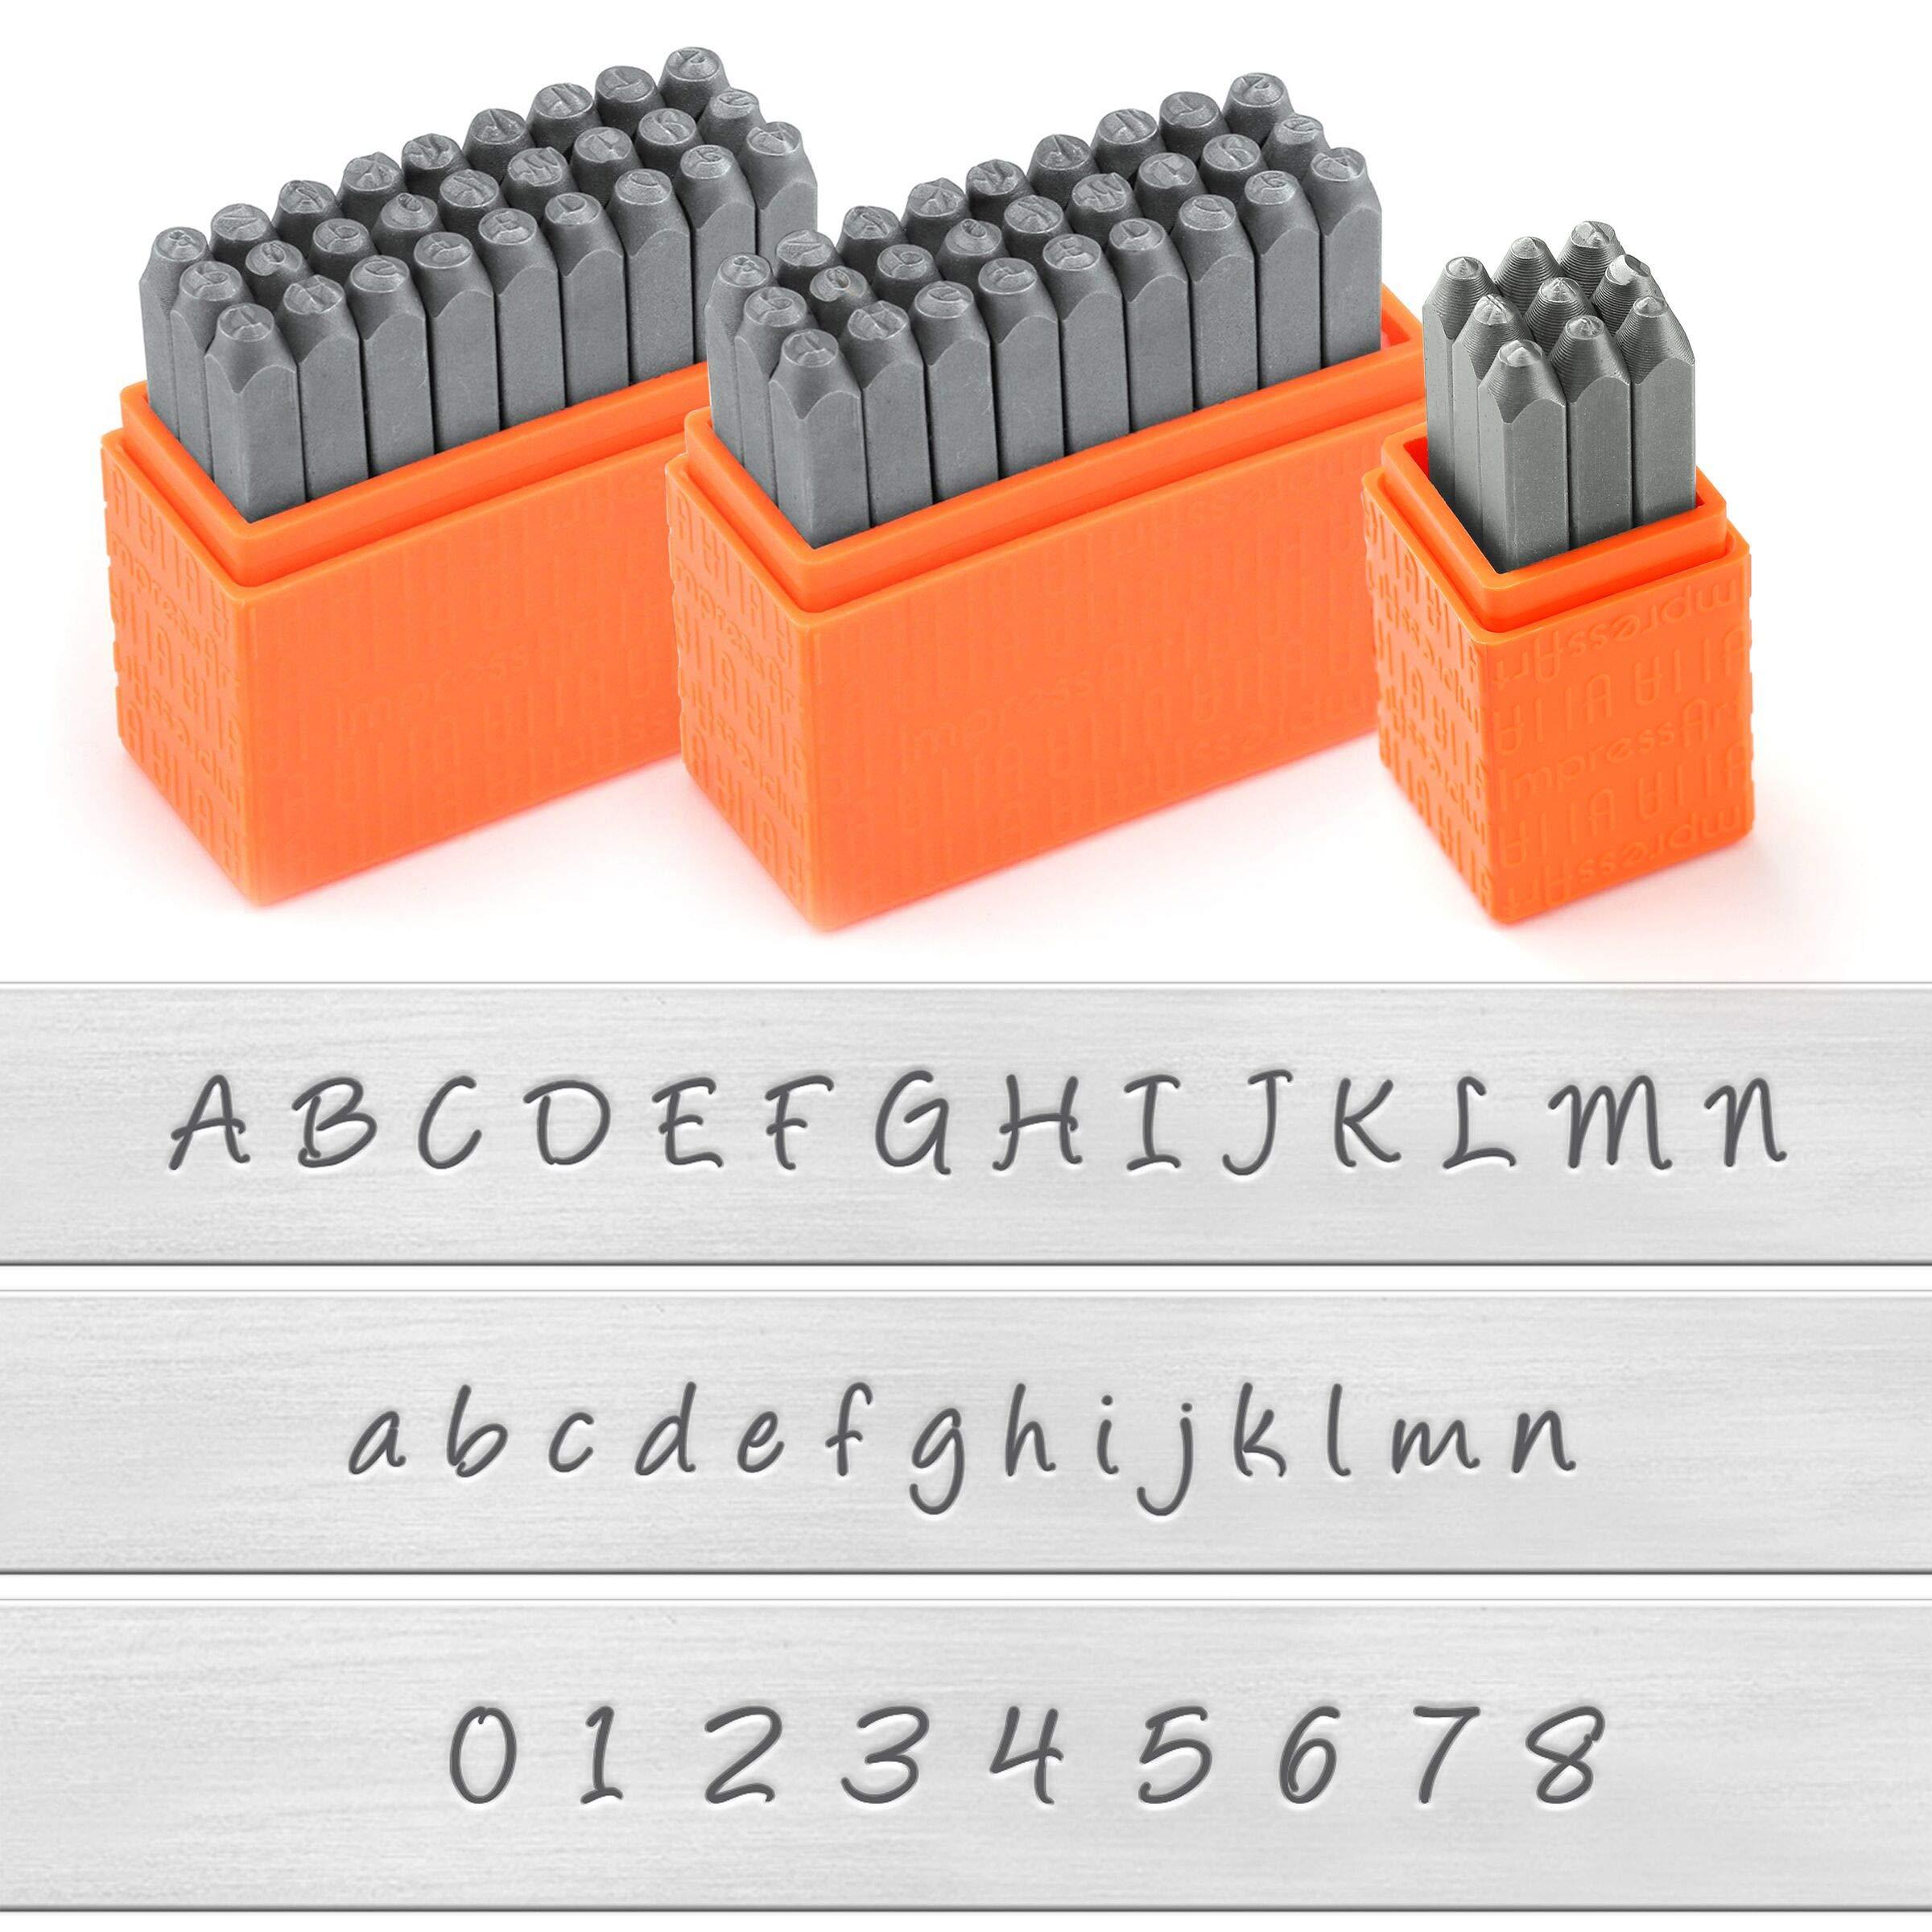 ImpressArt - Basic Bridgette Letter Metal Stamps and Number Metal Stamp Kit - Complete Set of 3 - Uppercase/Lowercase/Number - 3MM by ImpressArt